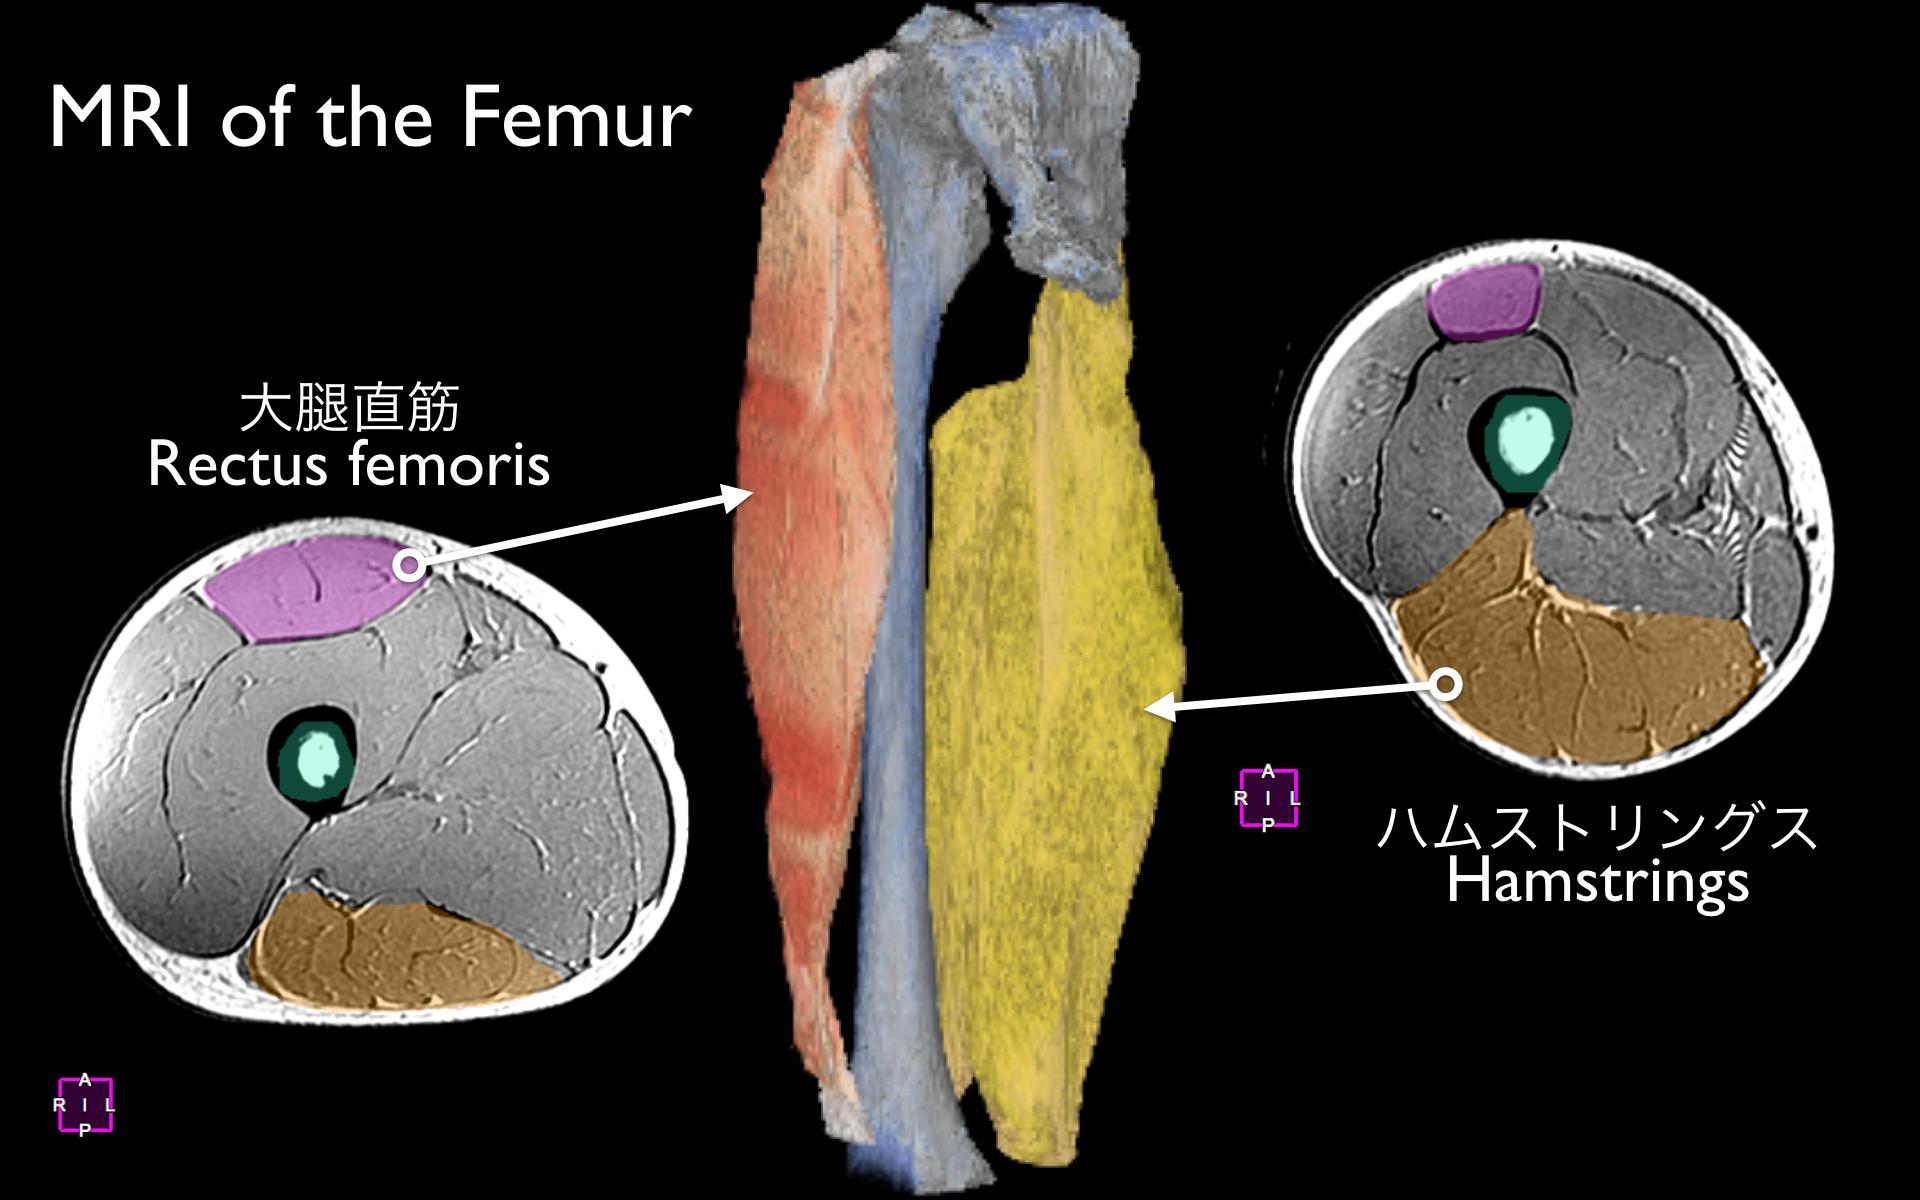 大腿部MRI